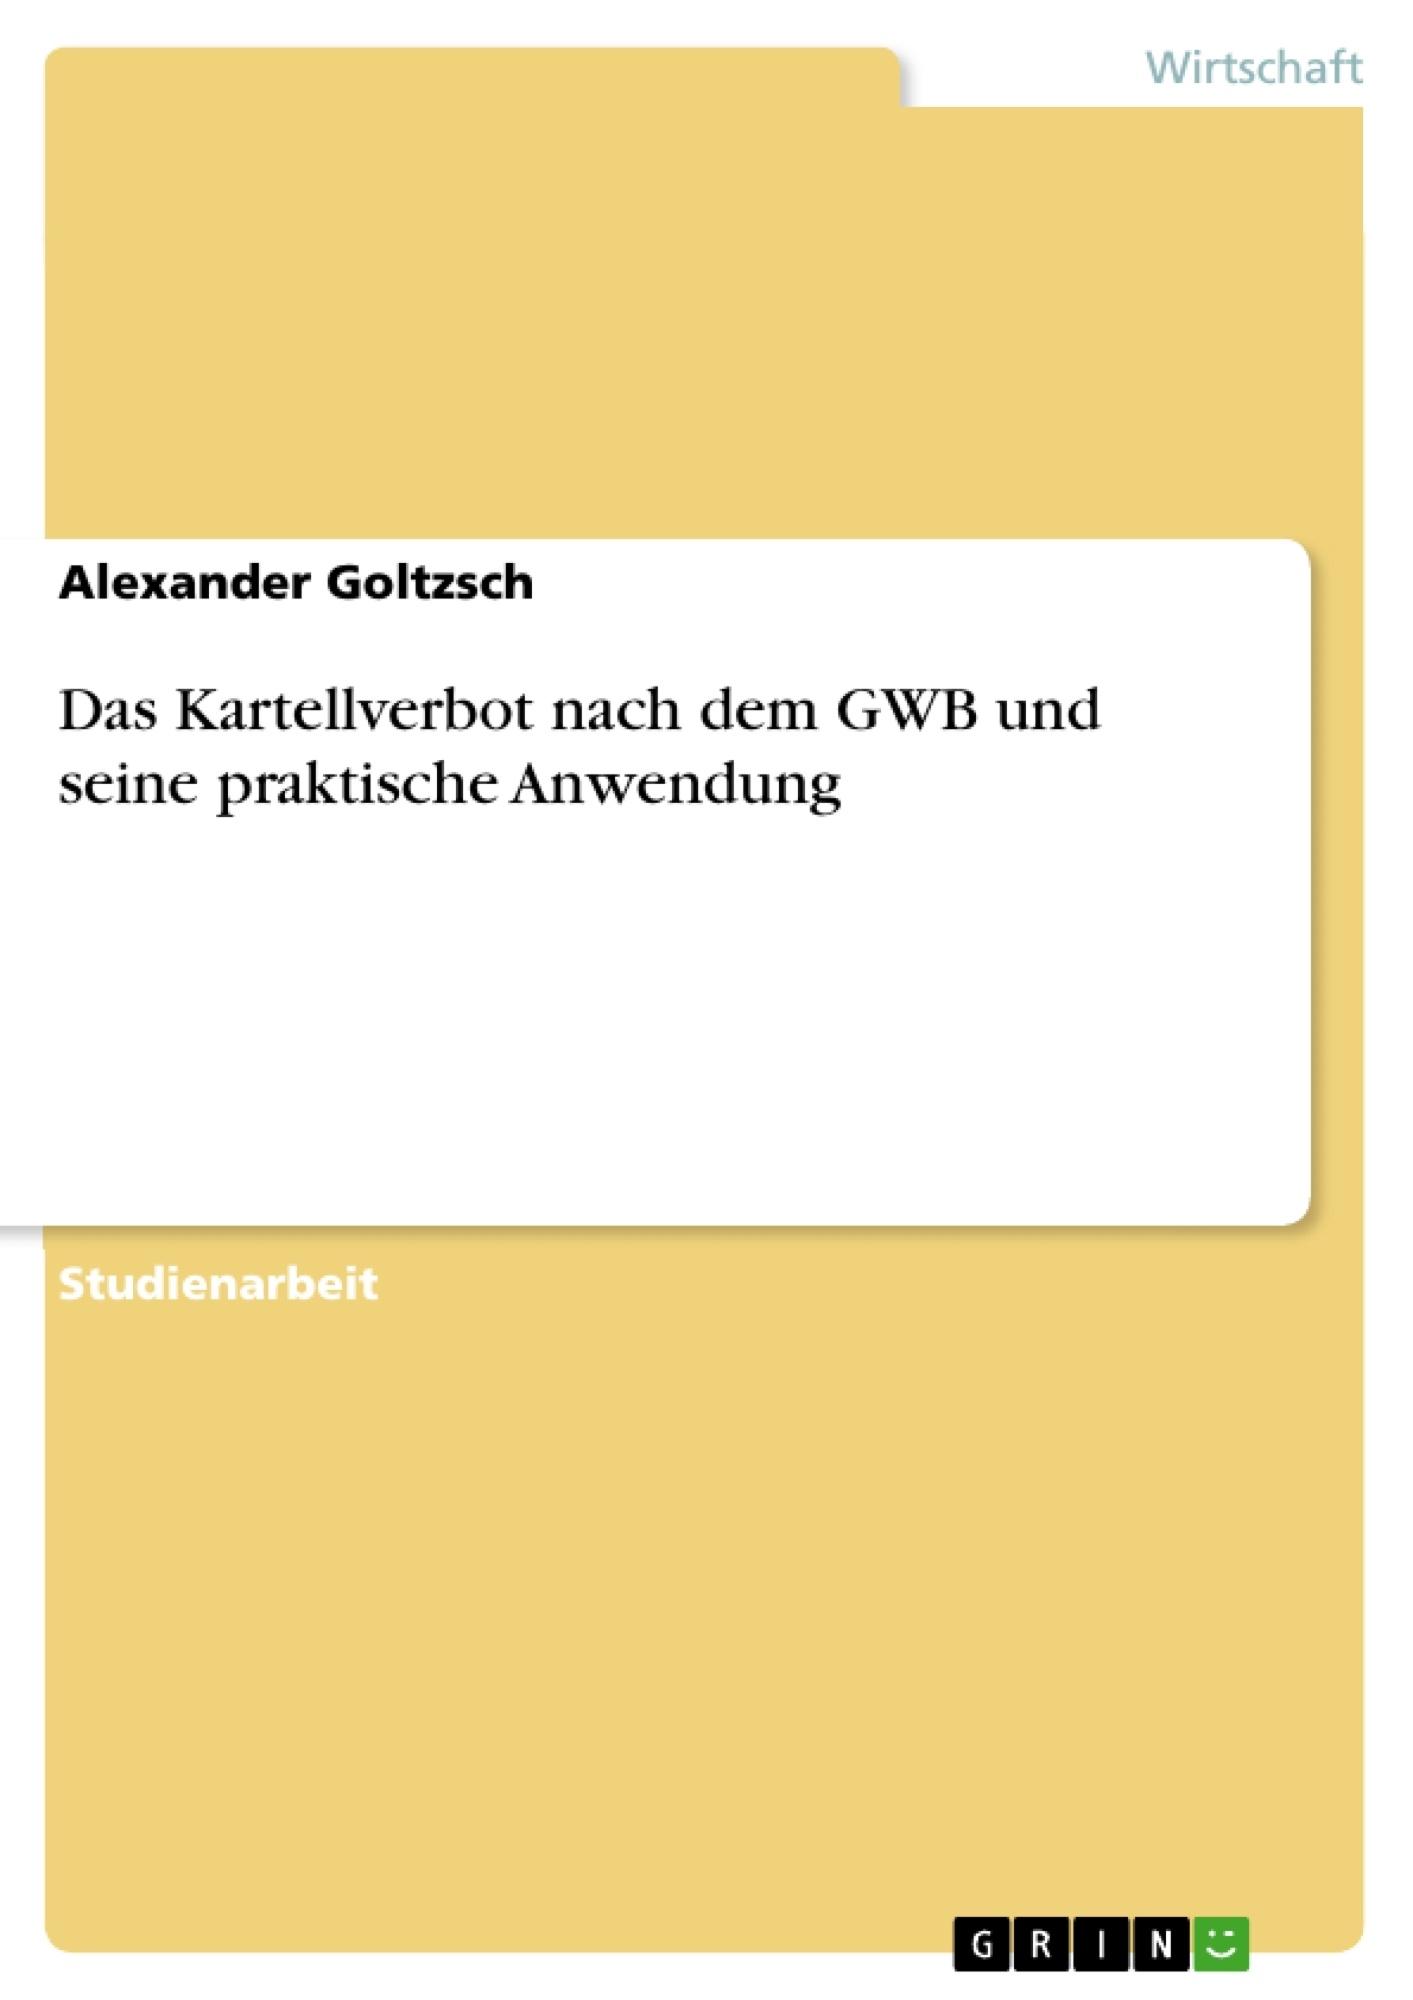 Titel: Das Kartellverbot nach dem GWB und seine praktische Anwendung